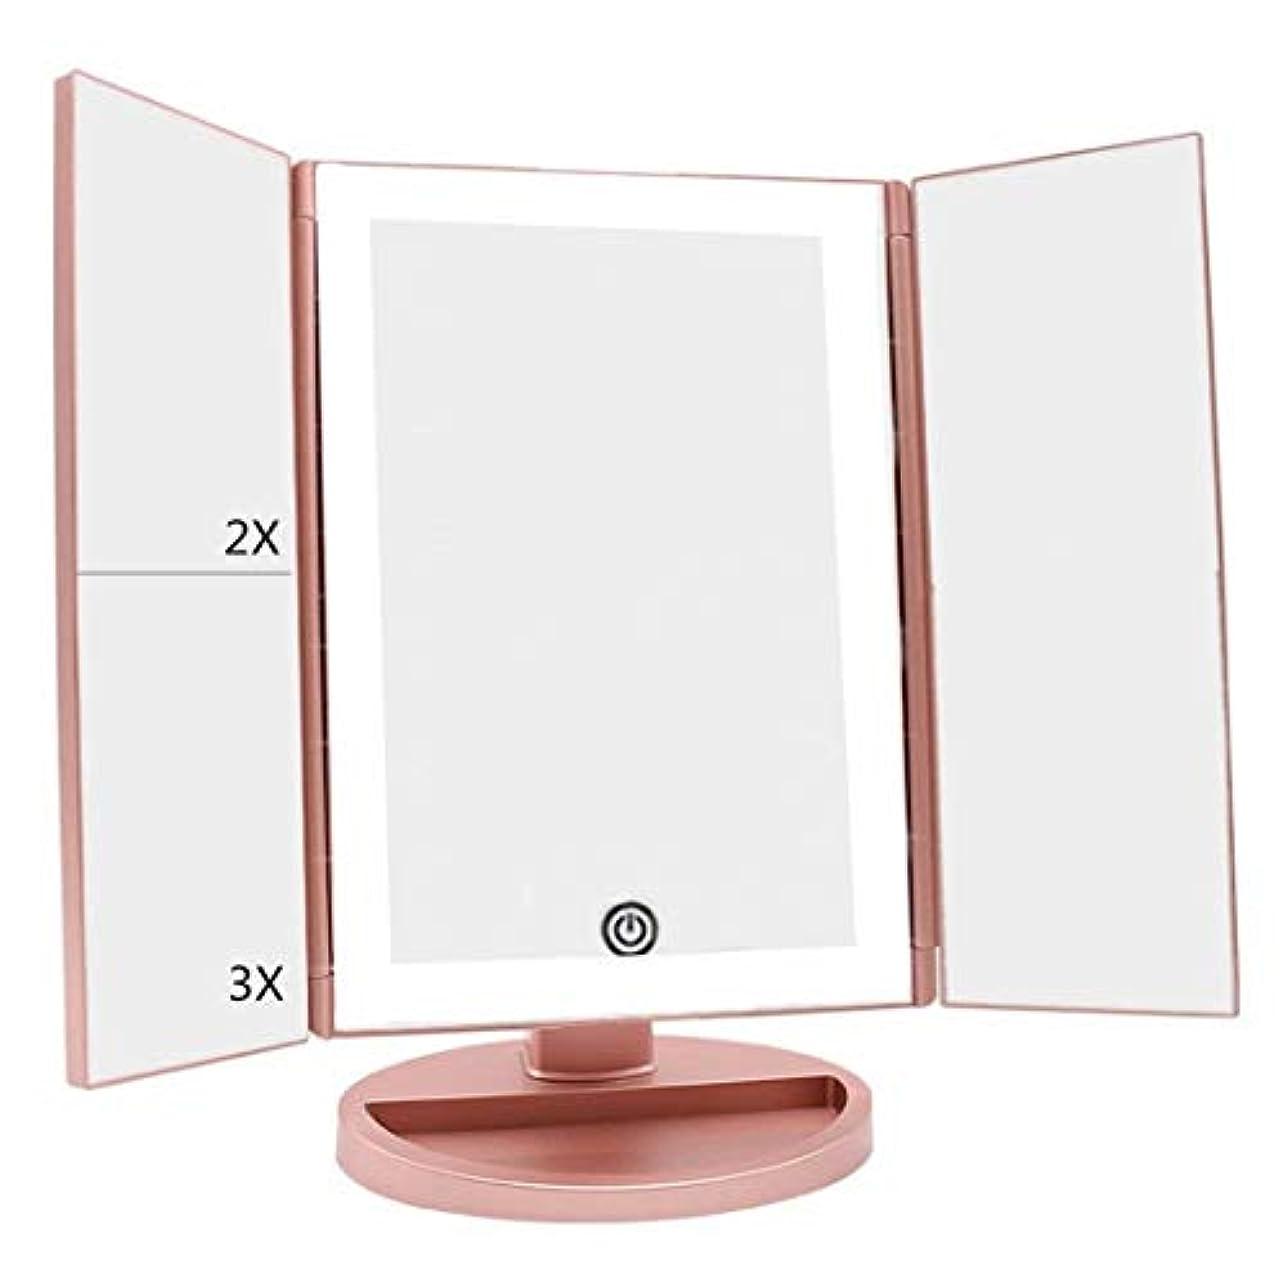 頼るいろいろキャップDeWEISN 最新 36 タッチスクリーン調光および3倍/ 2倍/ 1倍 倍率ミラー180度自由に回転カウンター化粧鏡と自然 日光三つ折り点灯洗面化粧台化粧鏡を導きました ローズゴールド